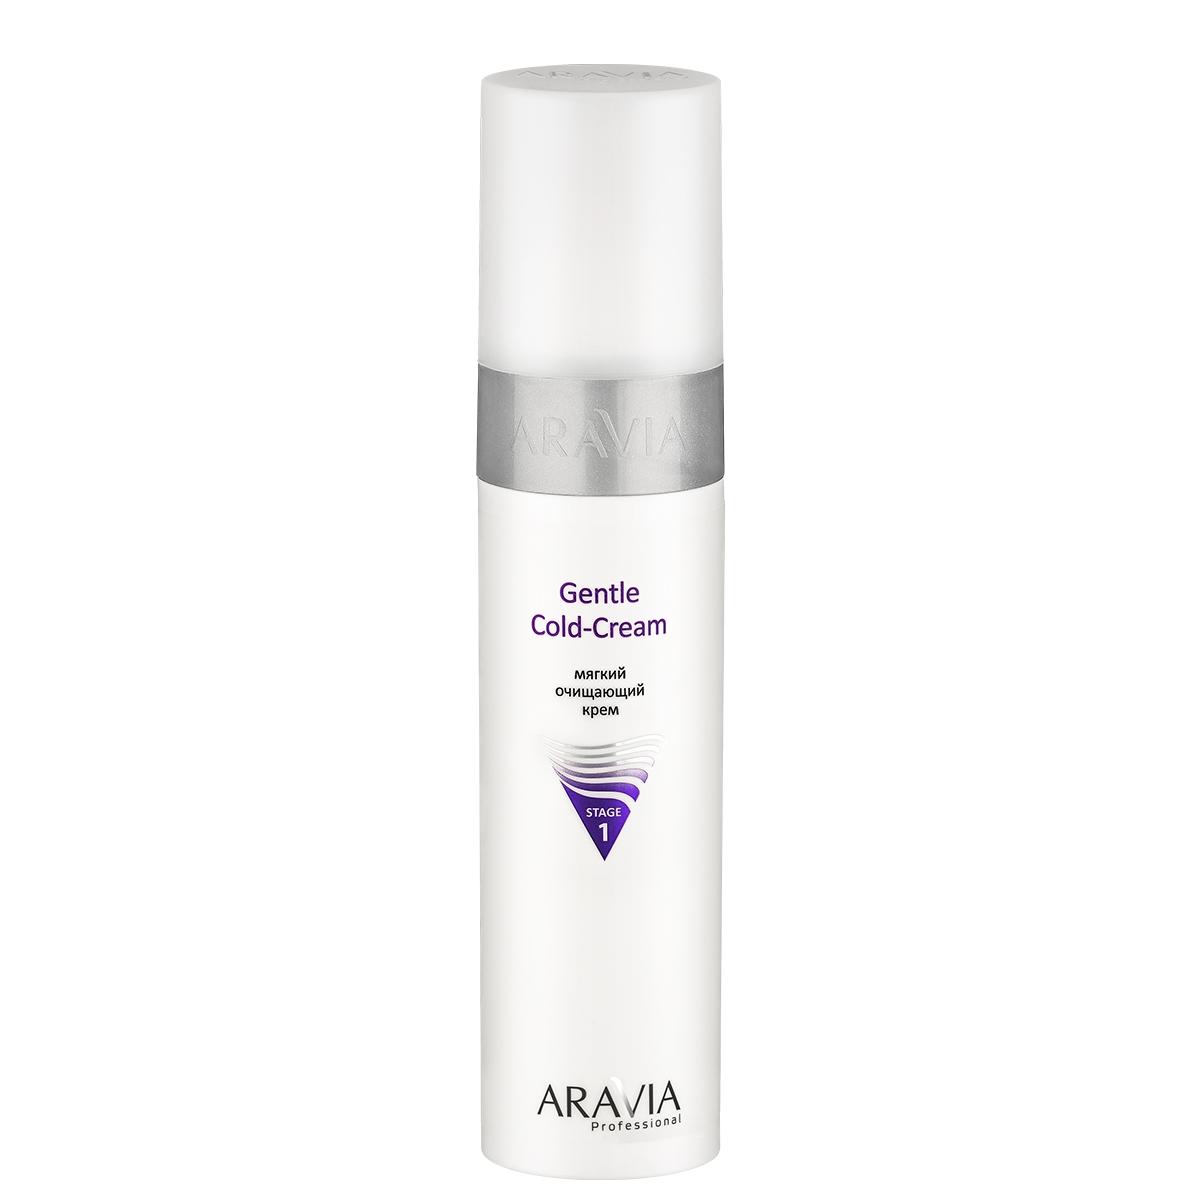 цена на ARAVIA Мягкий очищающий крем Gentle Cold-Cream, 250 мл